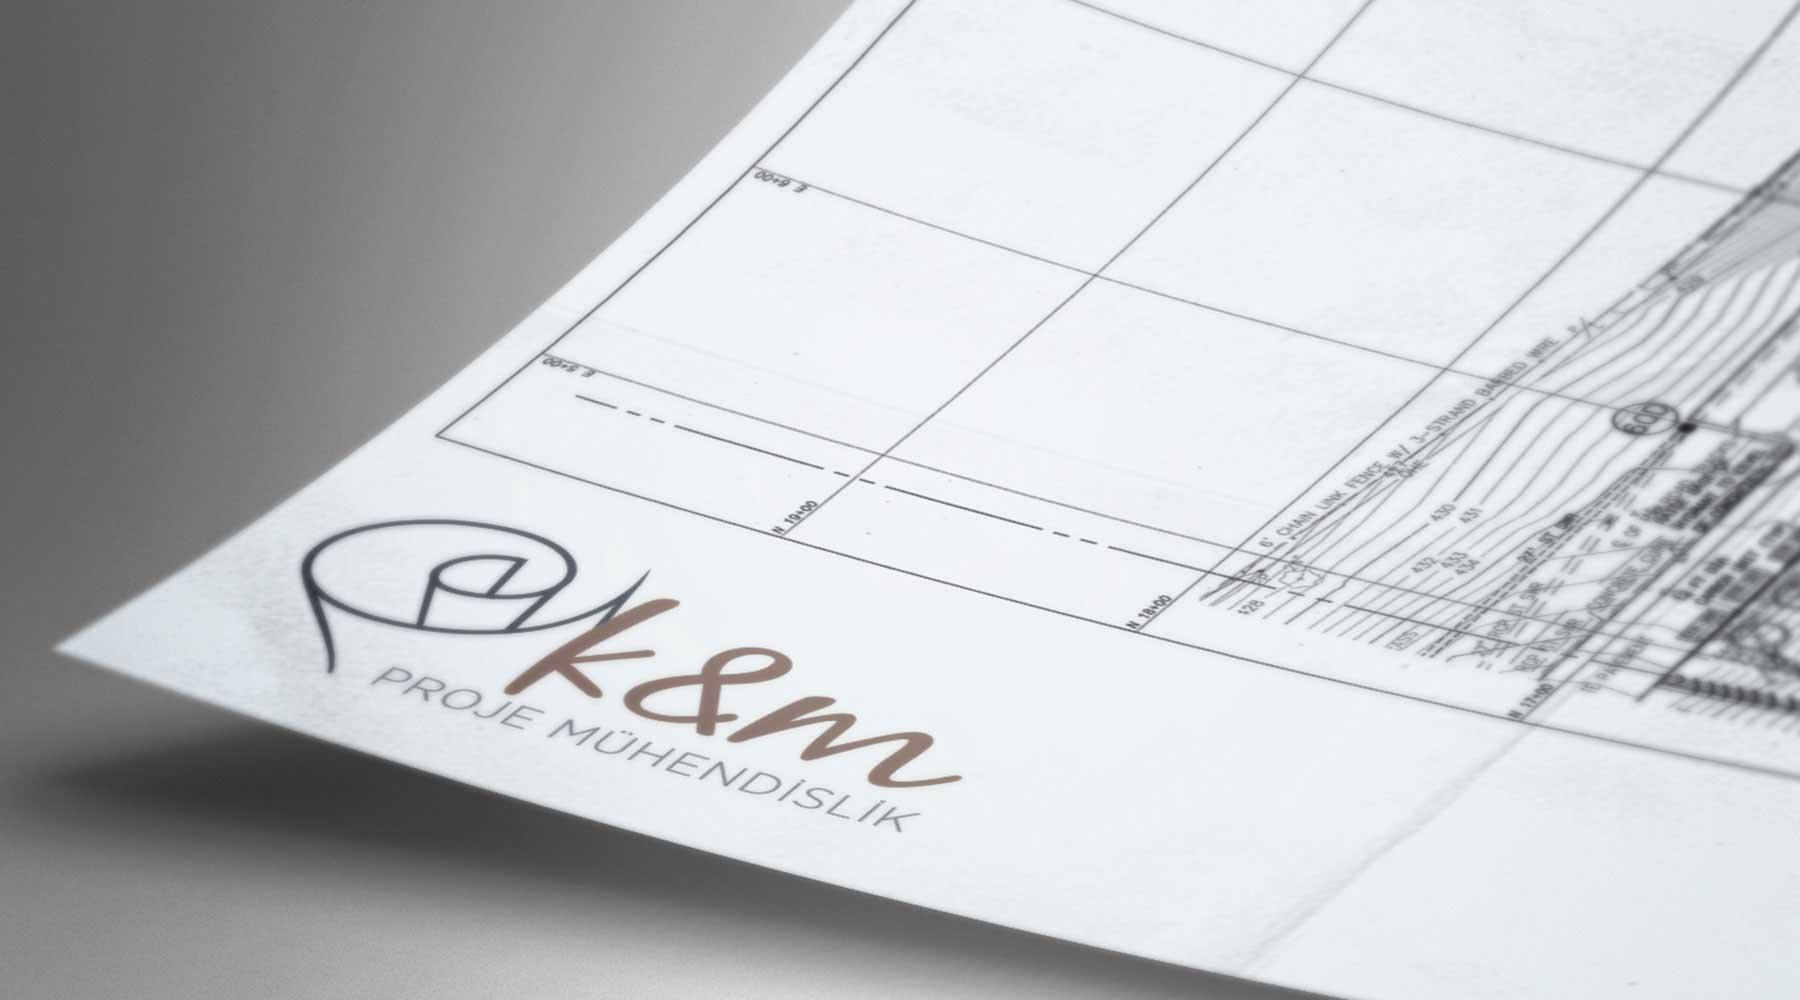 km proje mühendislik logo tasarımı